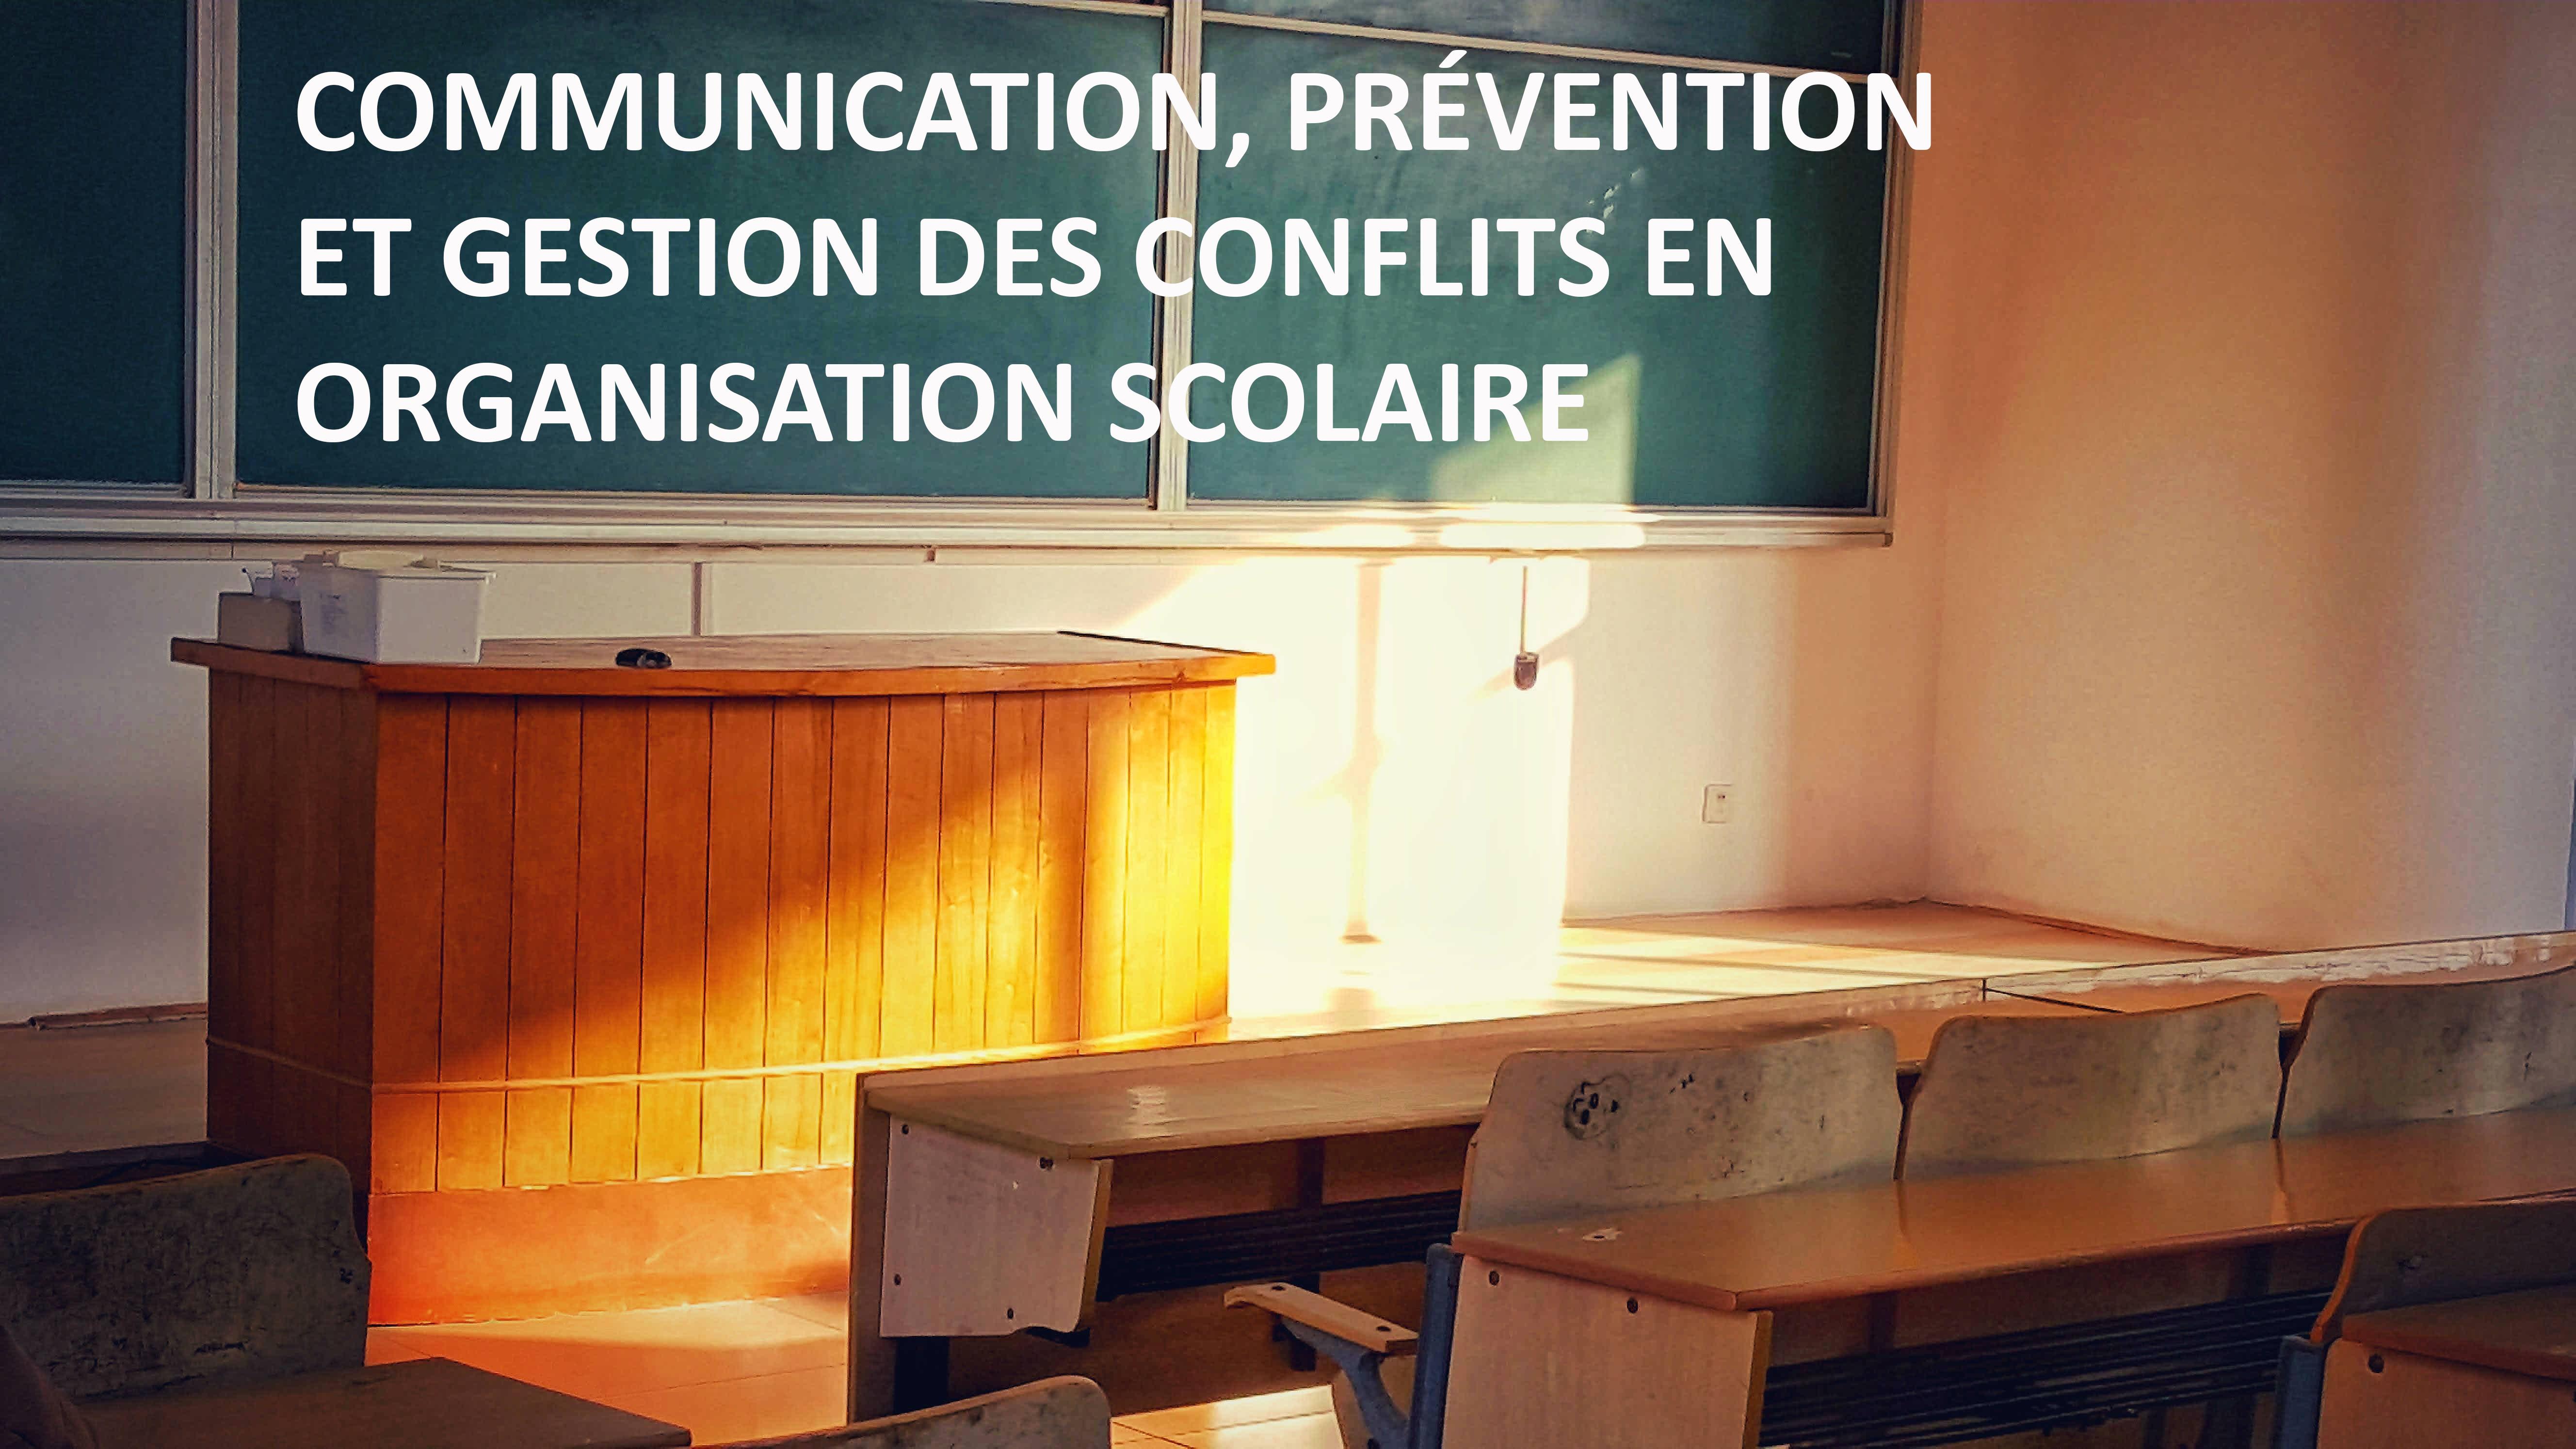 Fonction de directeur - Communication, prévention et gestion des conflits en organisation scolaire